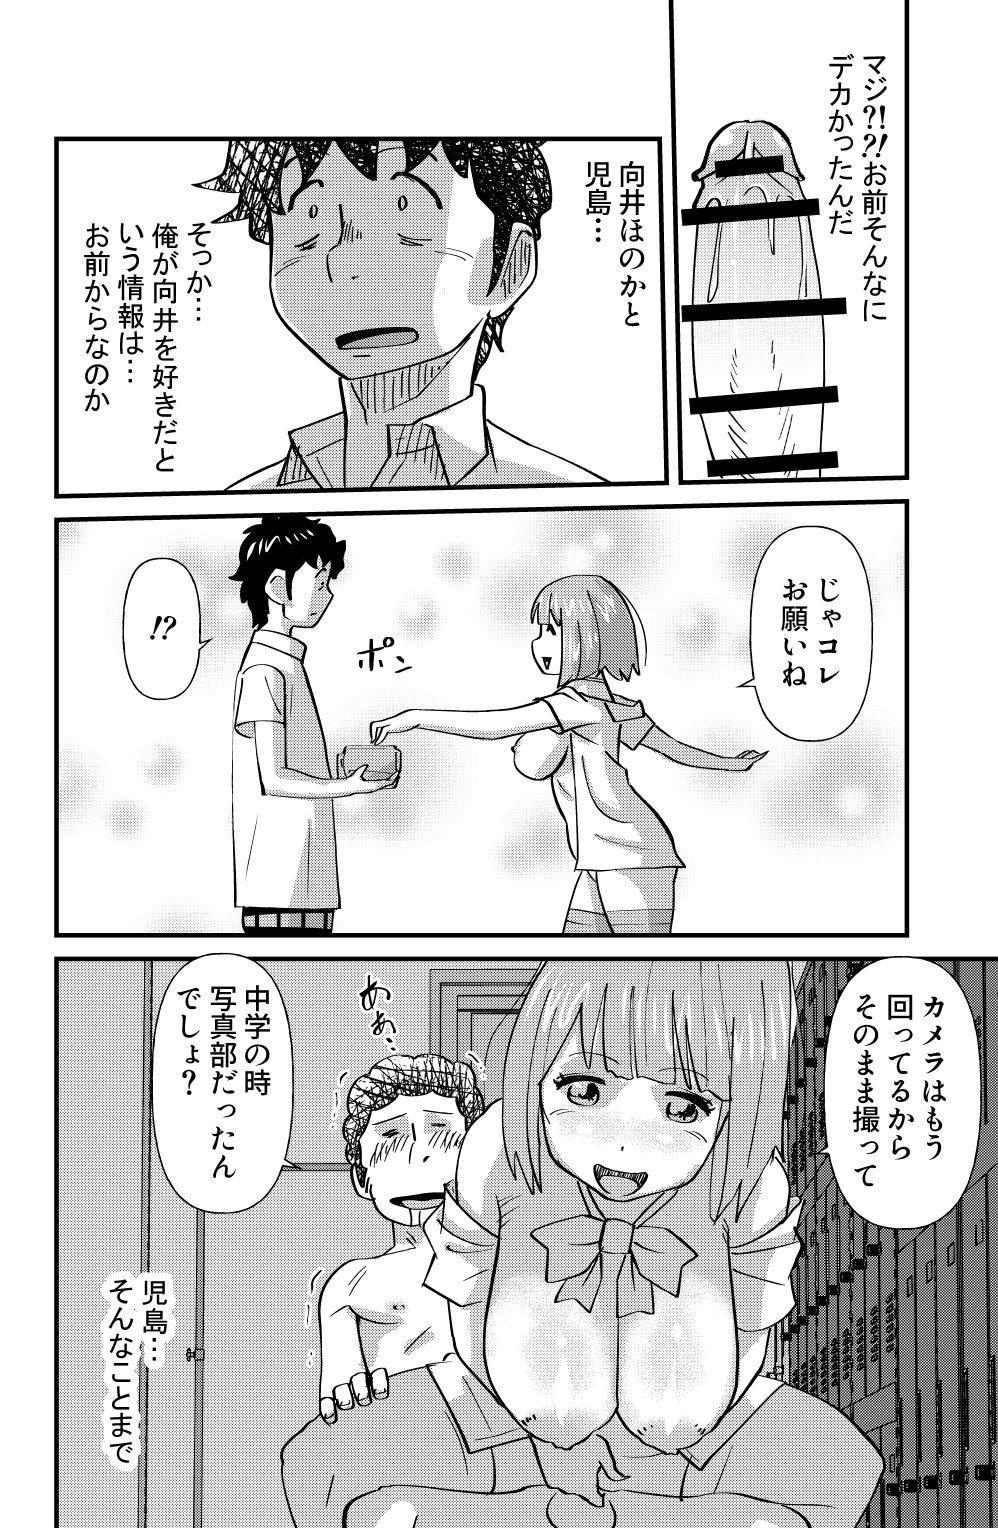 Otonashii-kei Joshi Mukai Honoka no Nichijou o Shitta Toki... 15